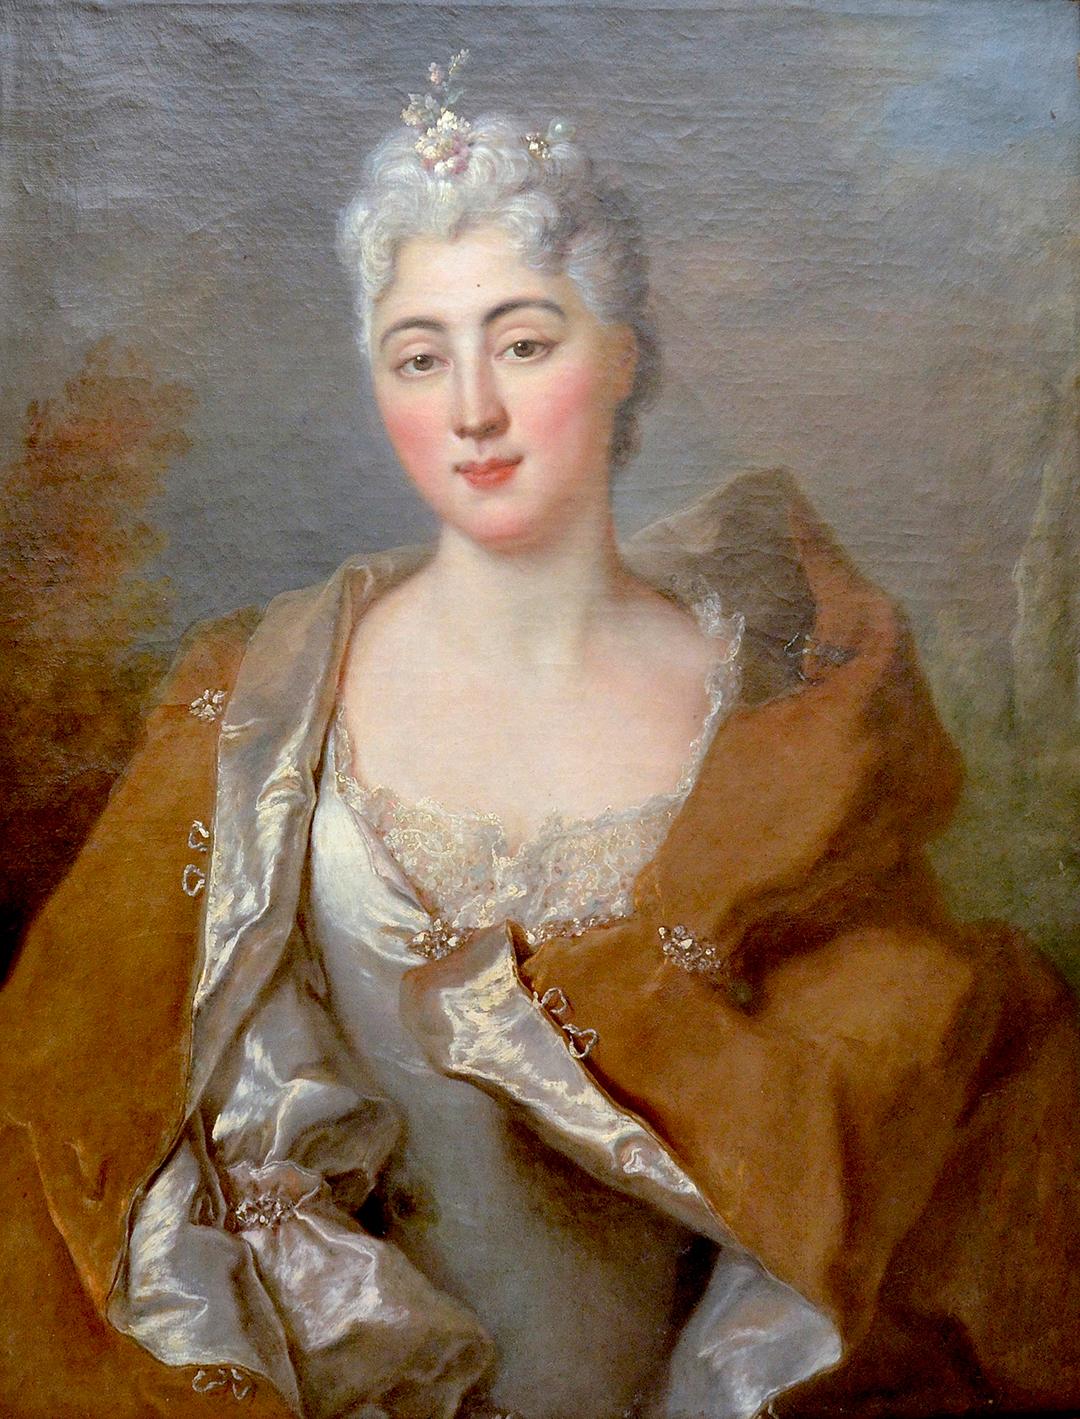 Aïssé en habit noble de soie et de dentelle avec, dans les cheveux poudrés gris, un bijou en forme de fleur et une perle. Le tableau, réalisé vers 1720, est attribué au peintre parisien Nicolas de Largillière et n'est pas daté. Dépôt au château de Jegenstorf